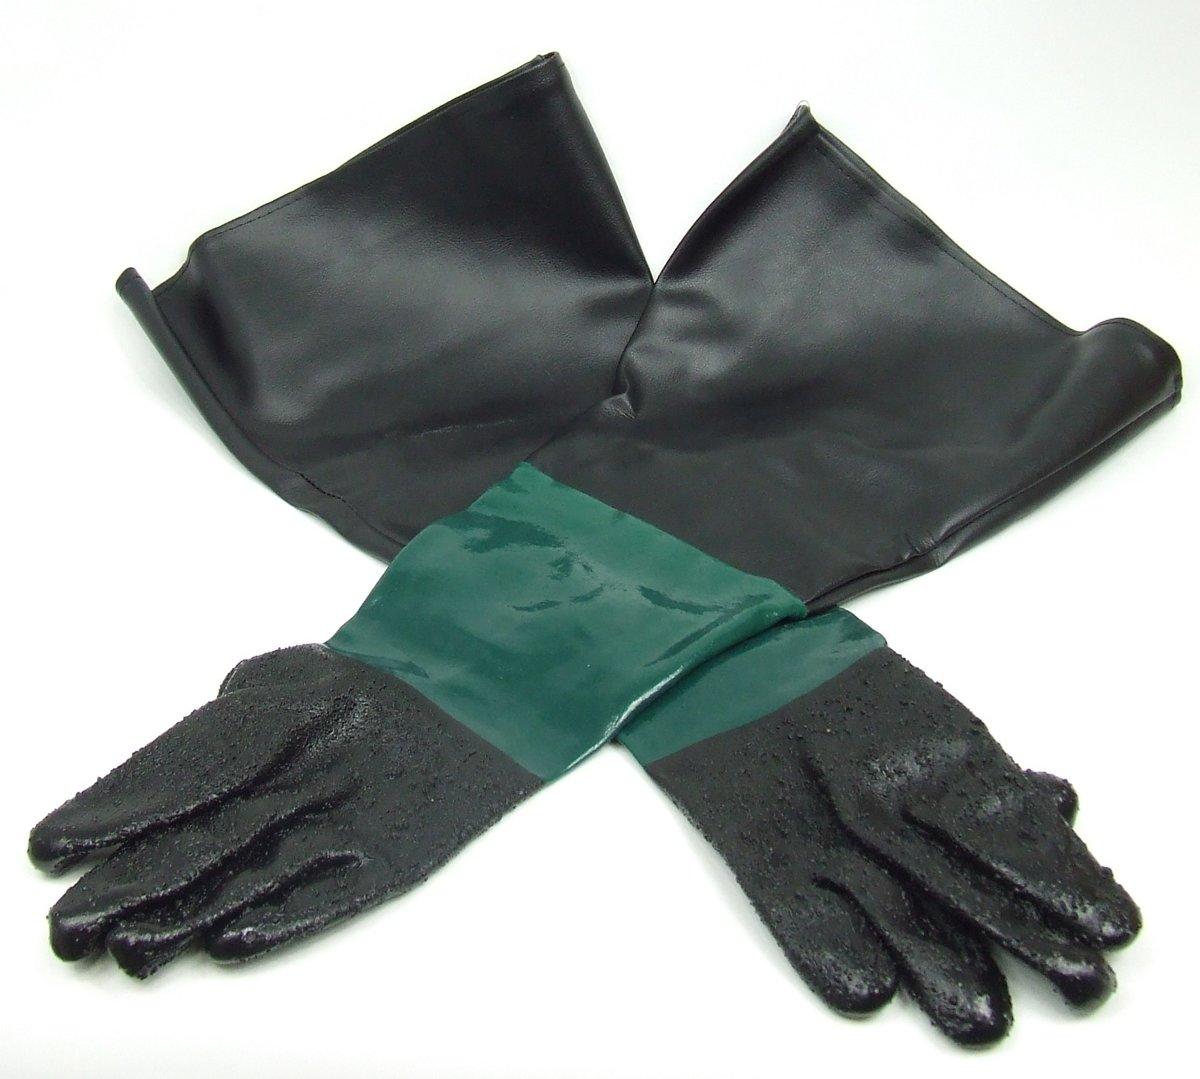 Zandstraal handschoenen SBC350 en 450, per paar kopen